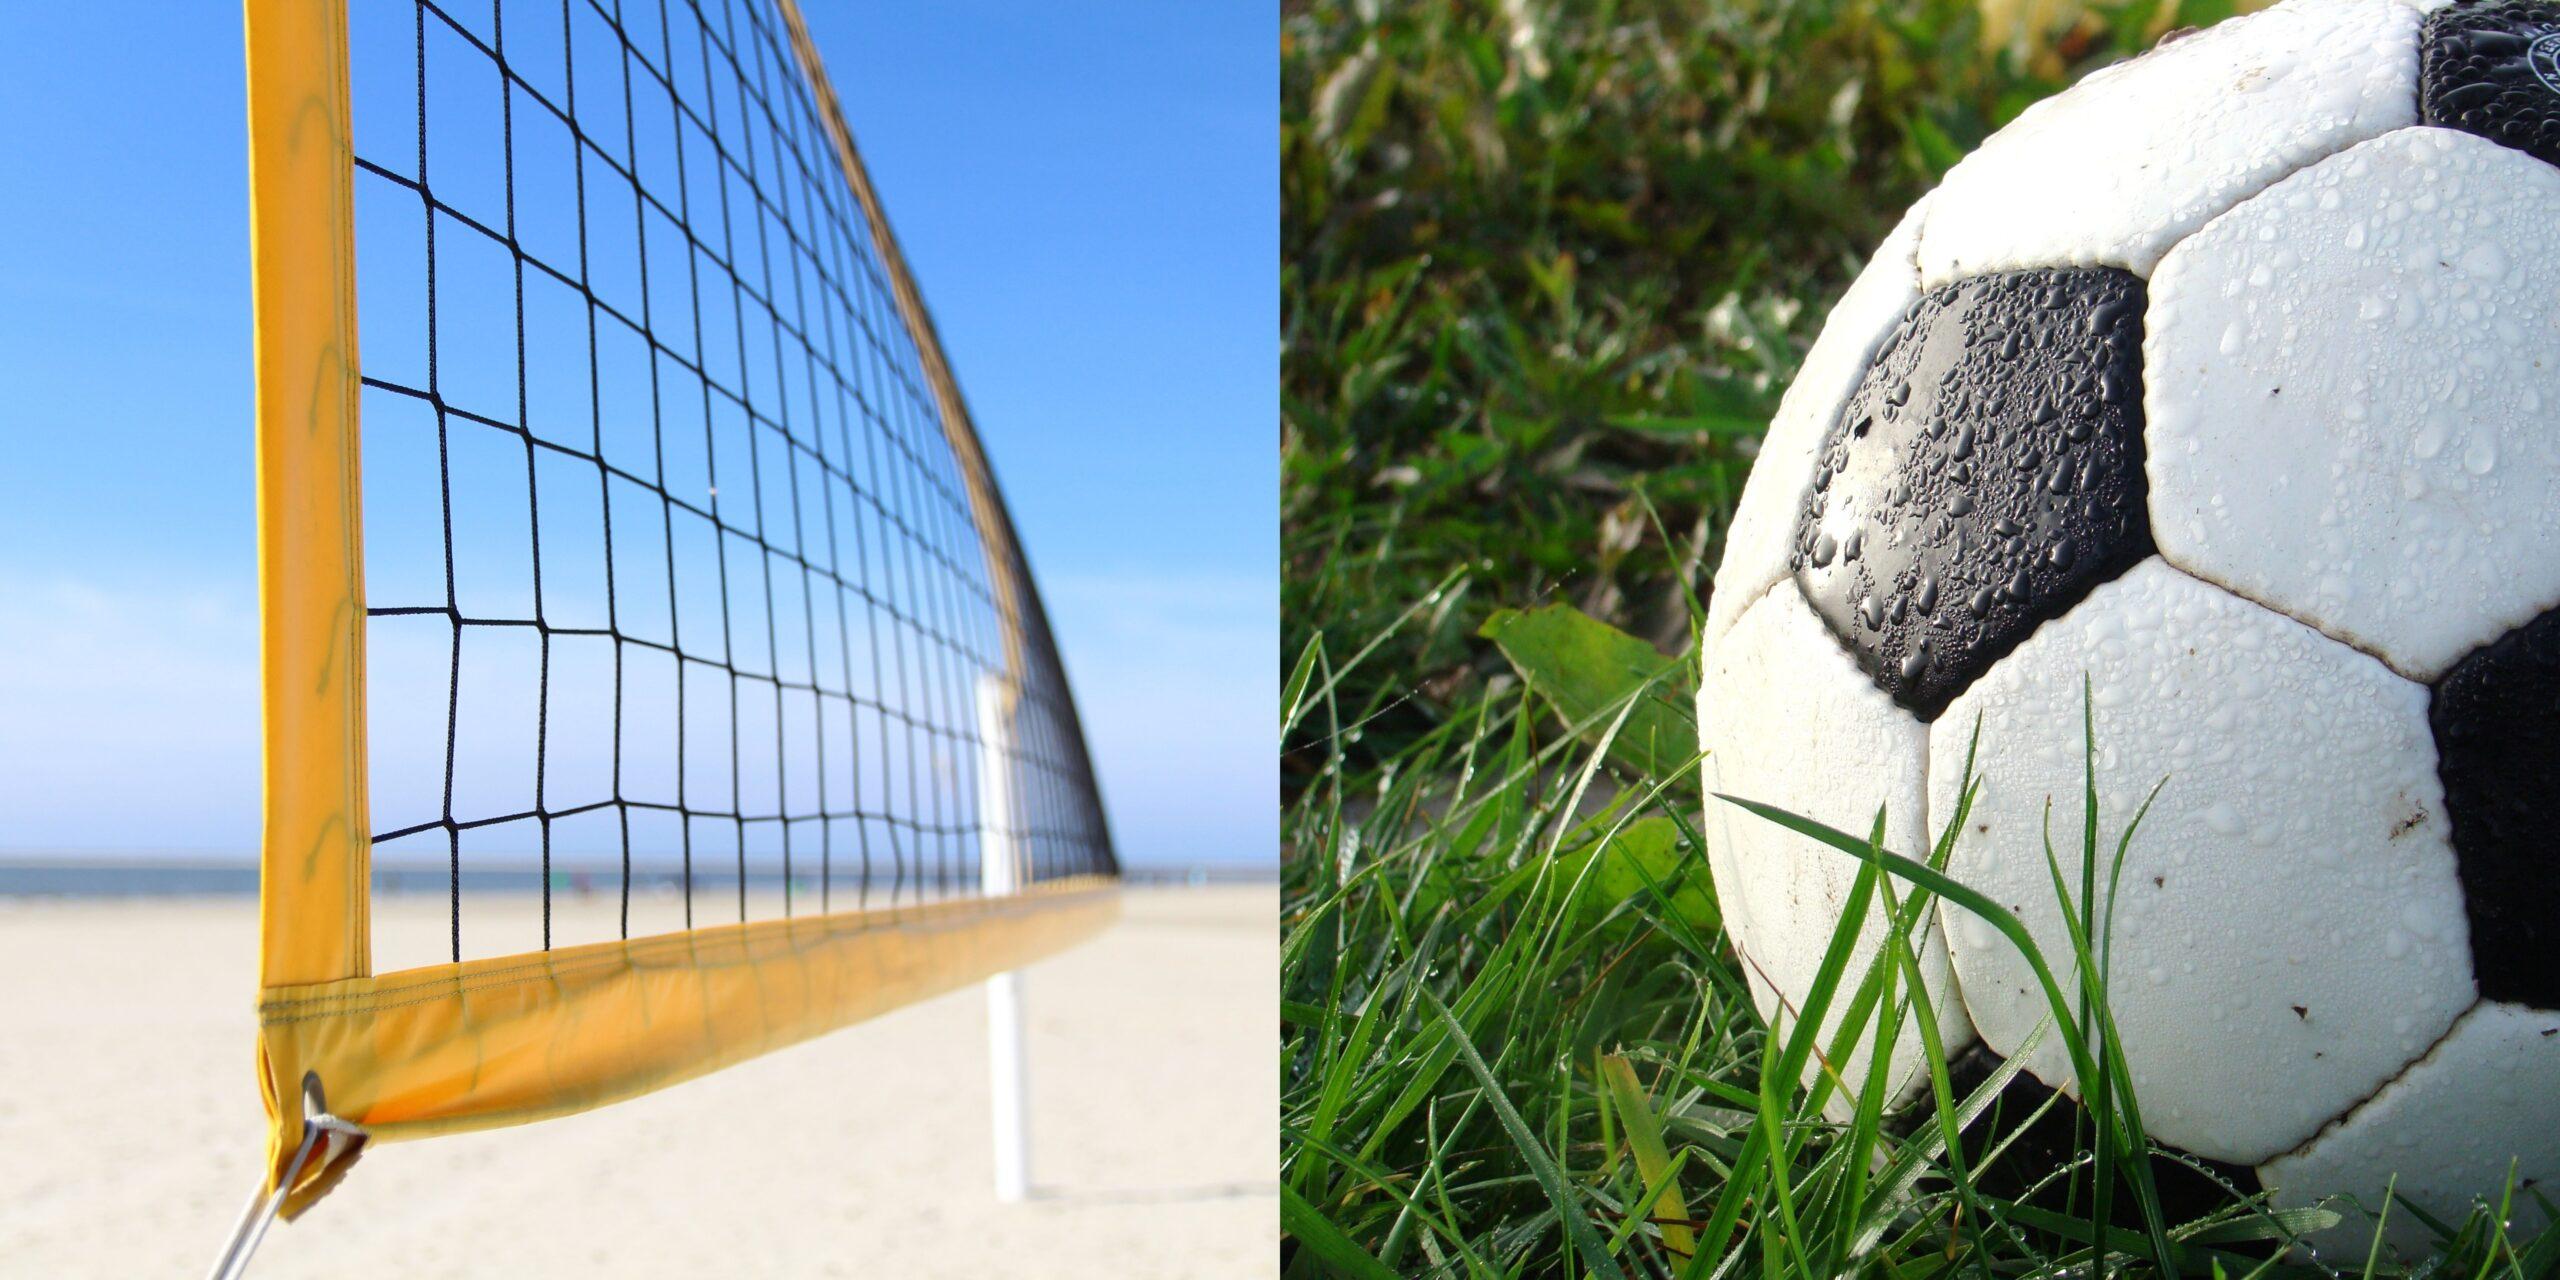 widać siatkę do siatkówki plażowej oraz piłkę na trawie